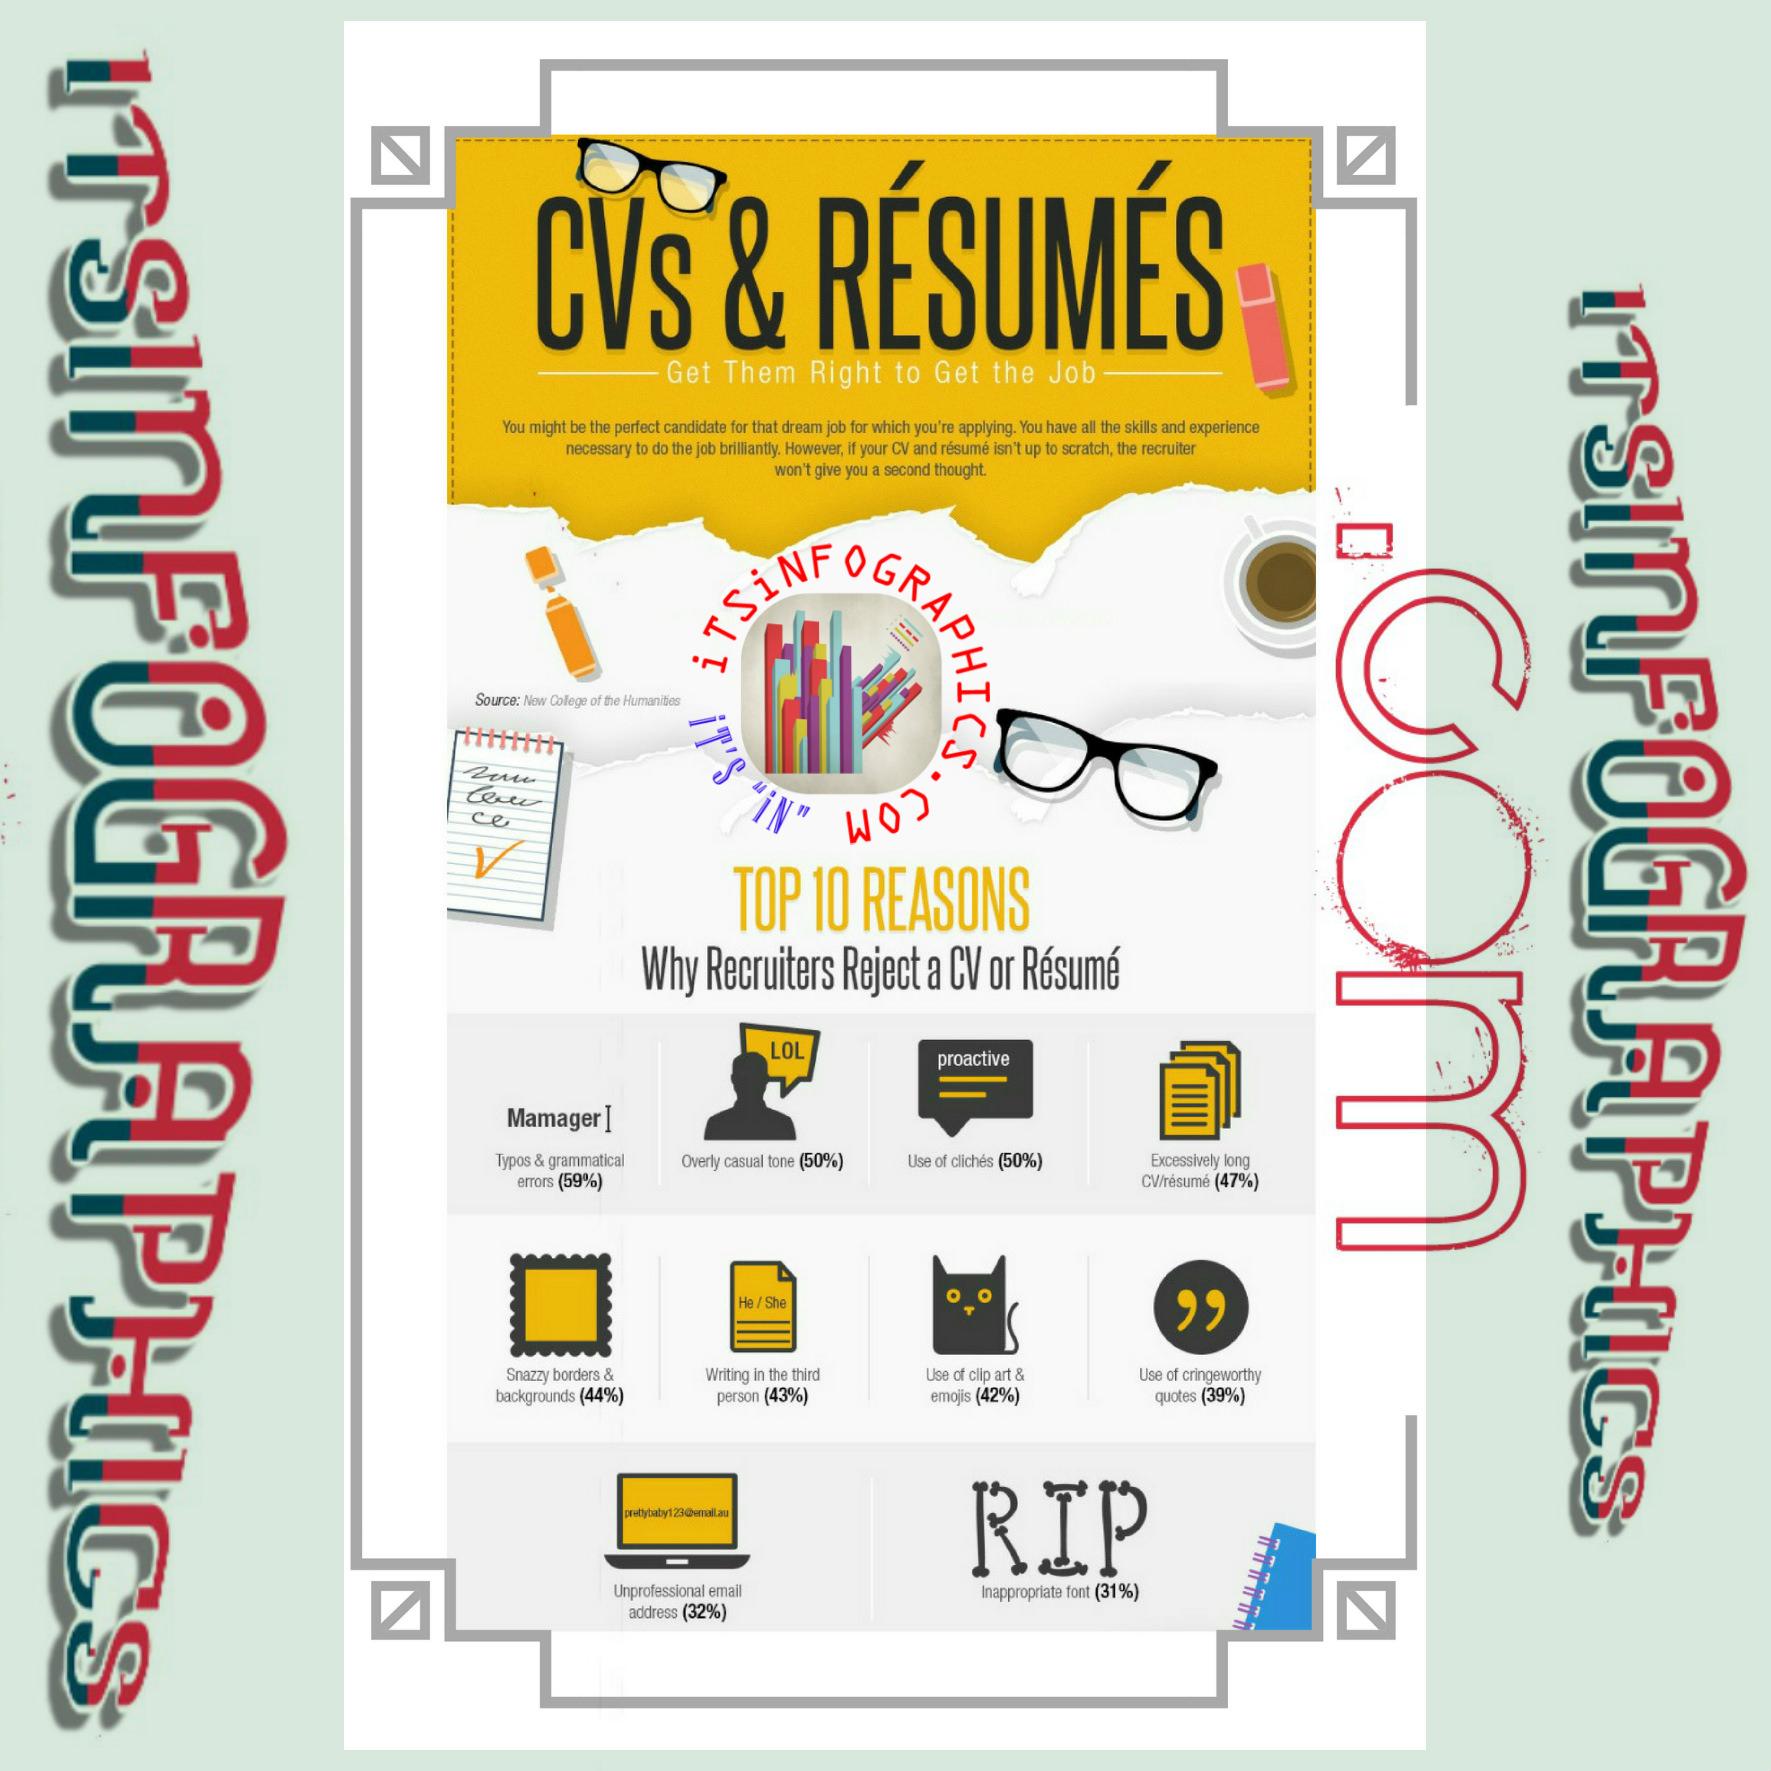 CVs and Résumés: Get Them Right to Get the Job - It's